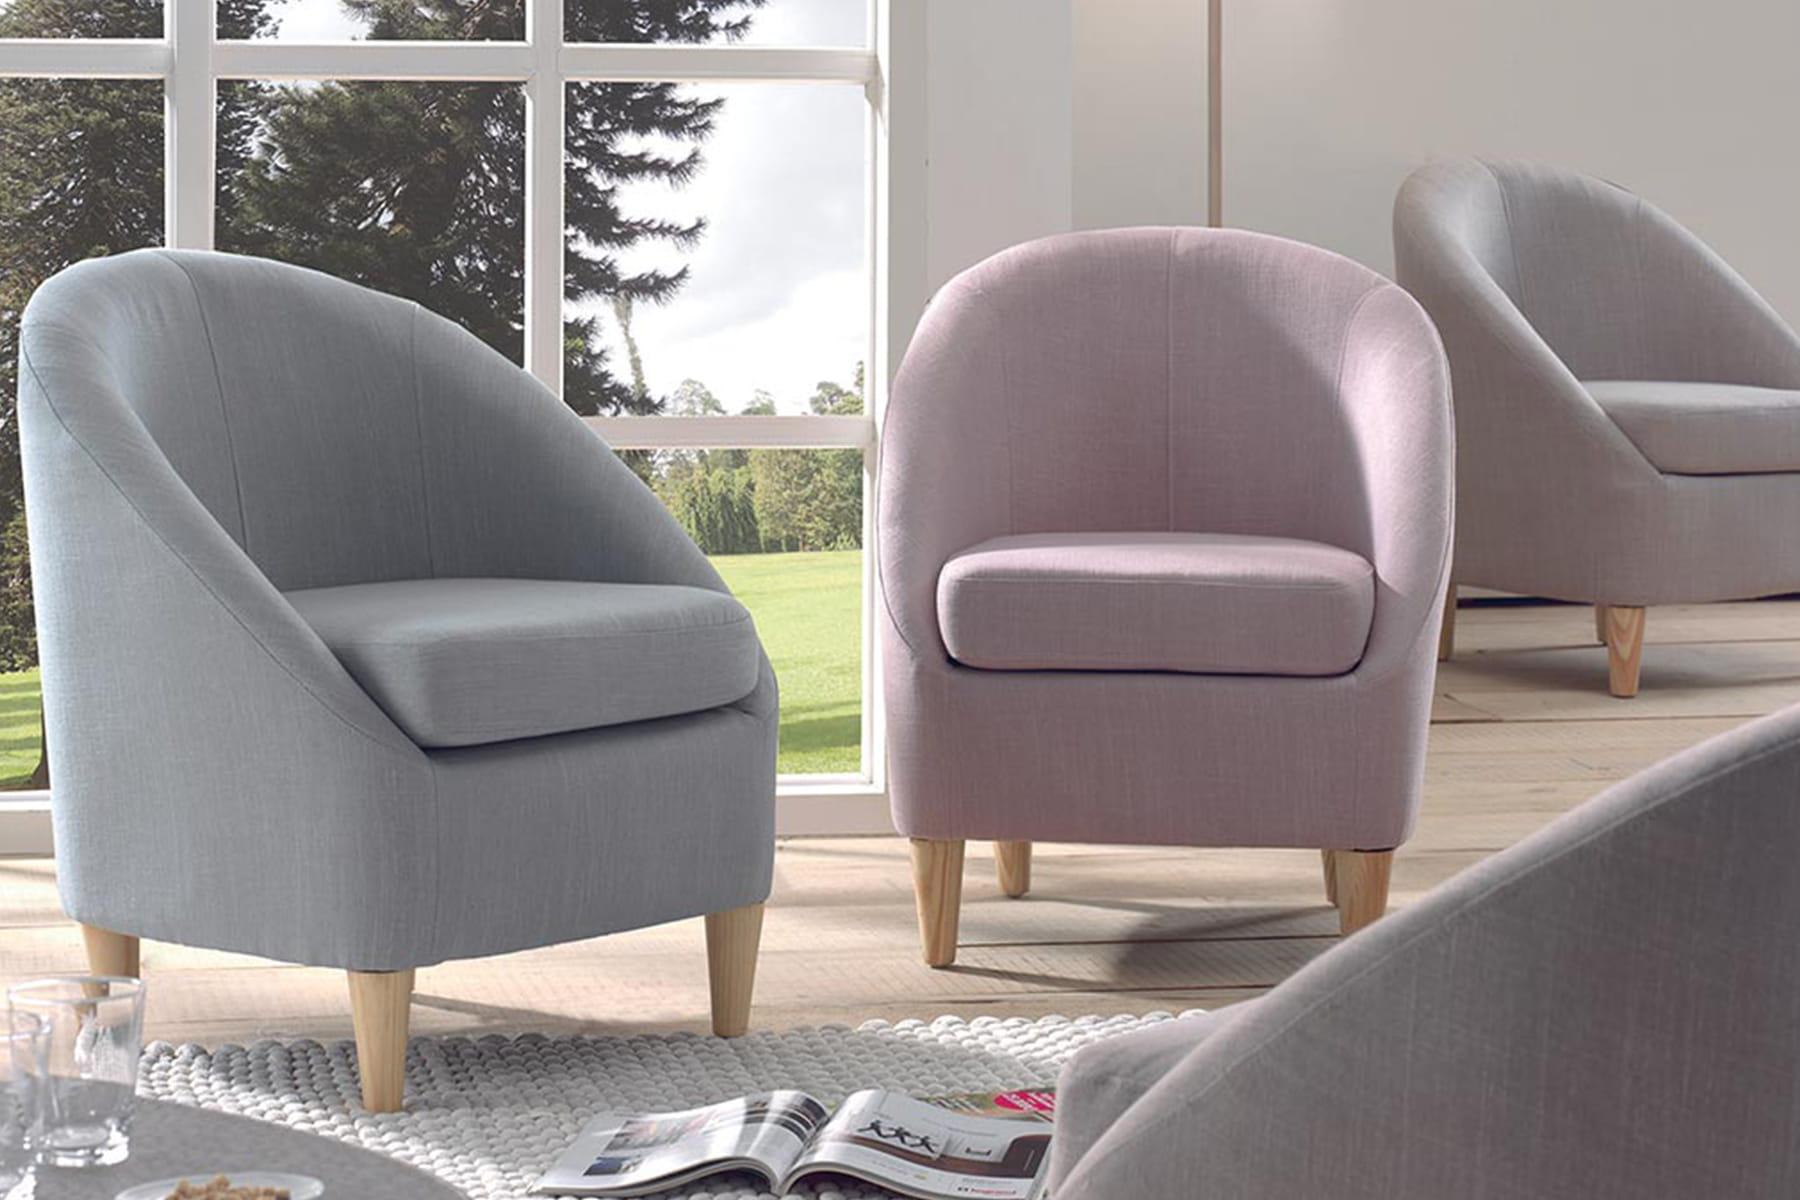 pour recevoir vos invit s beaux et confortables ces fauteuils n 39 attendent que vous linternaute. Black Bedroom Furniture Sets. Home Design Ideas